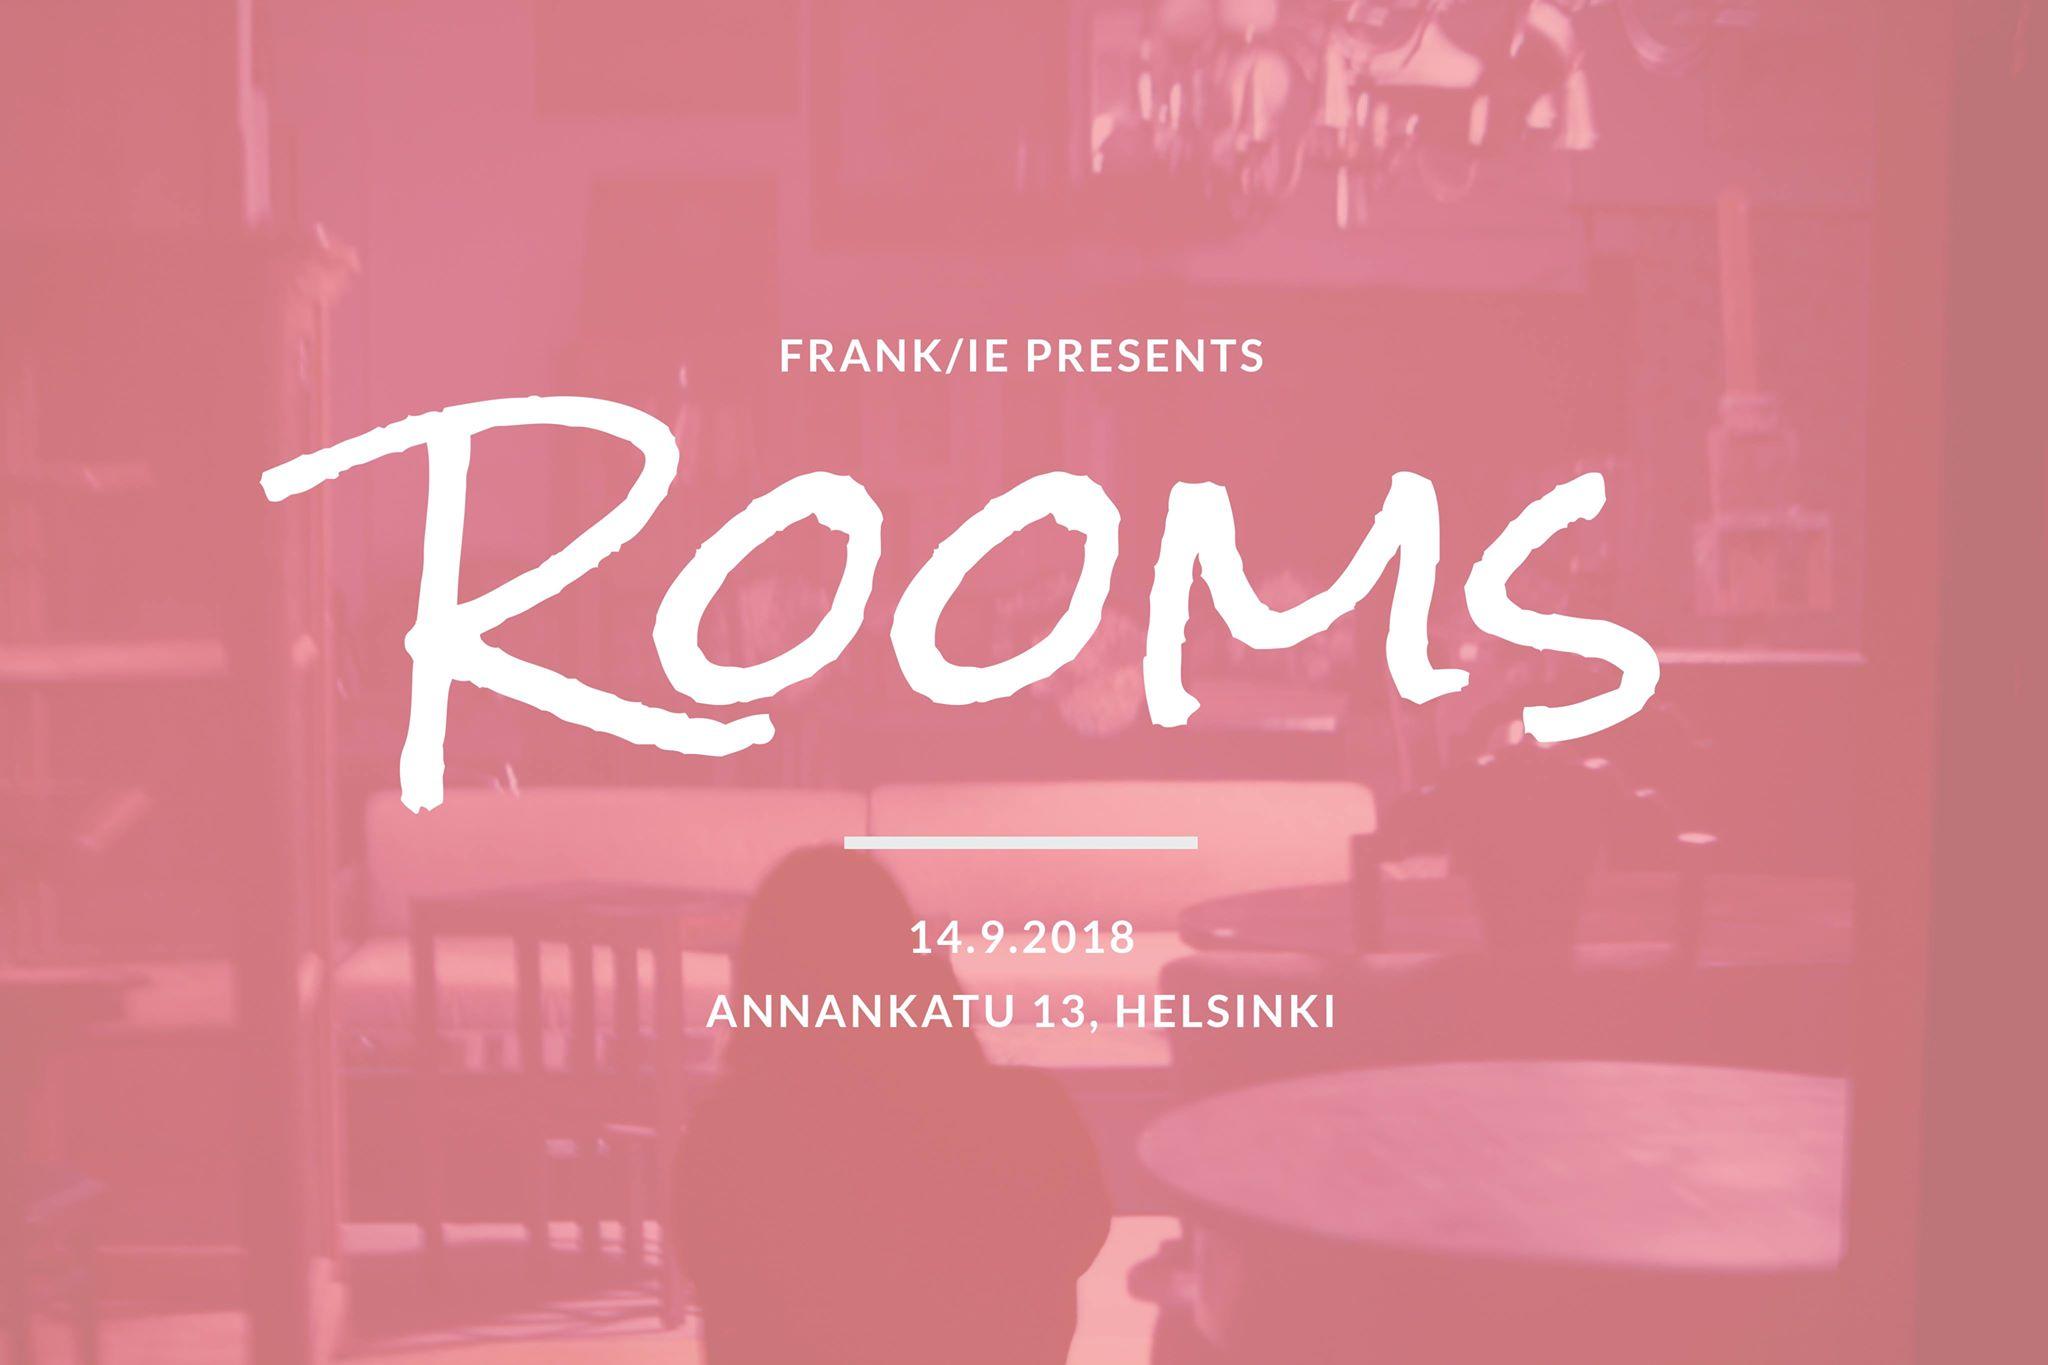 Frankie presents Rooms.jpg